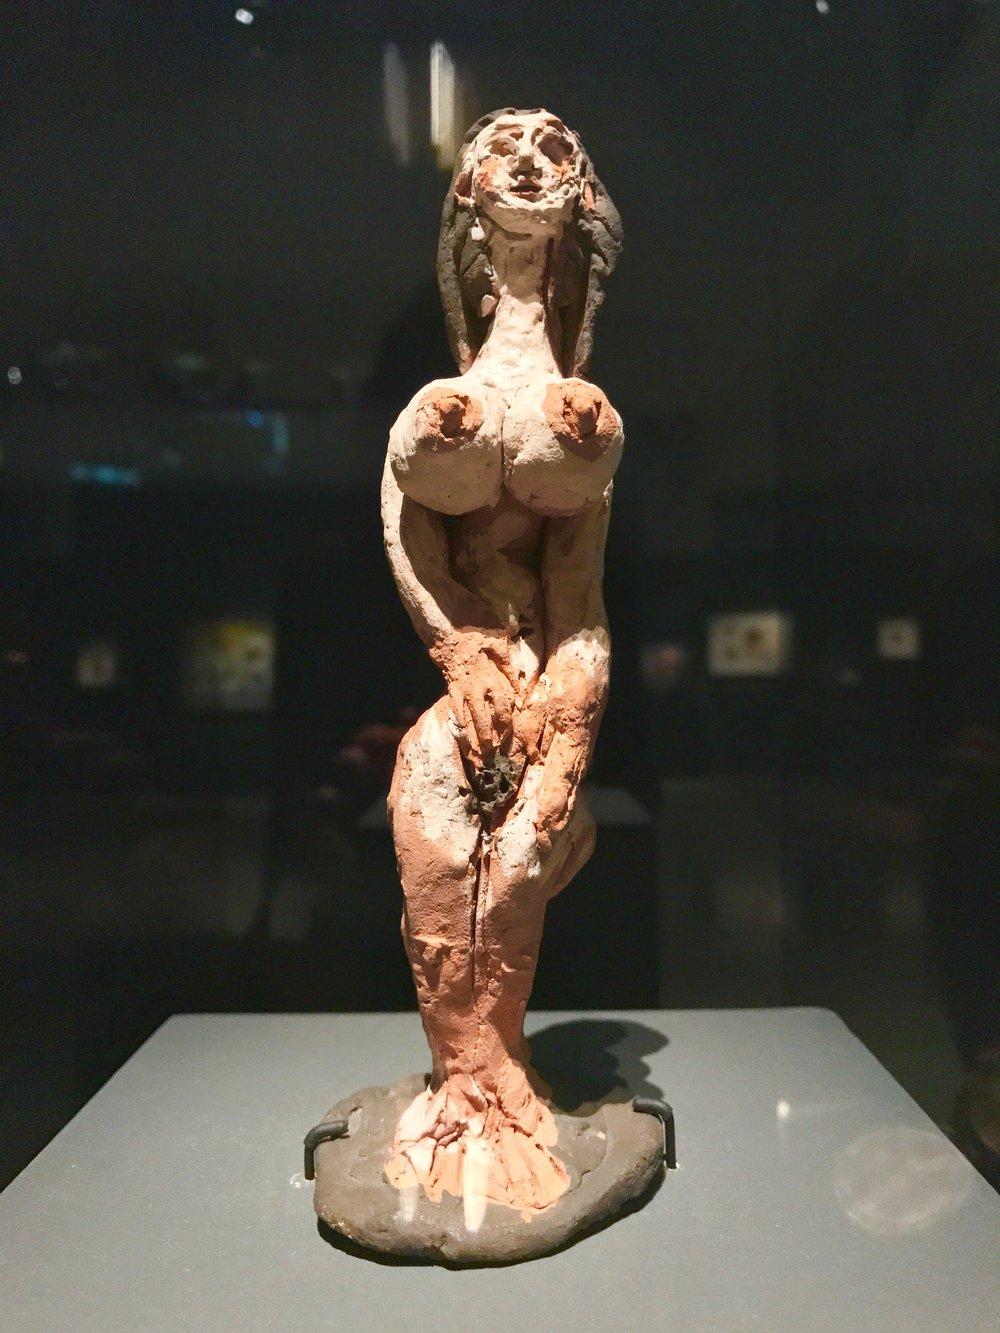 Pablo Picasso, Femme Nue Debut, 1950